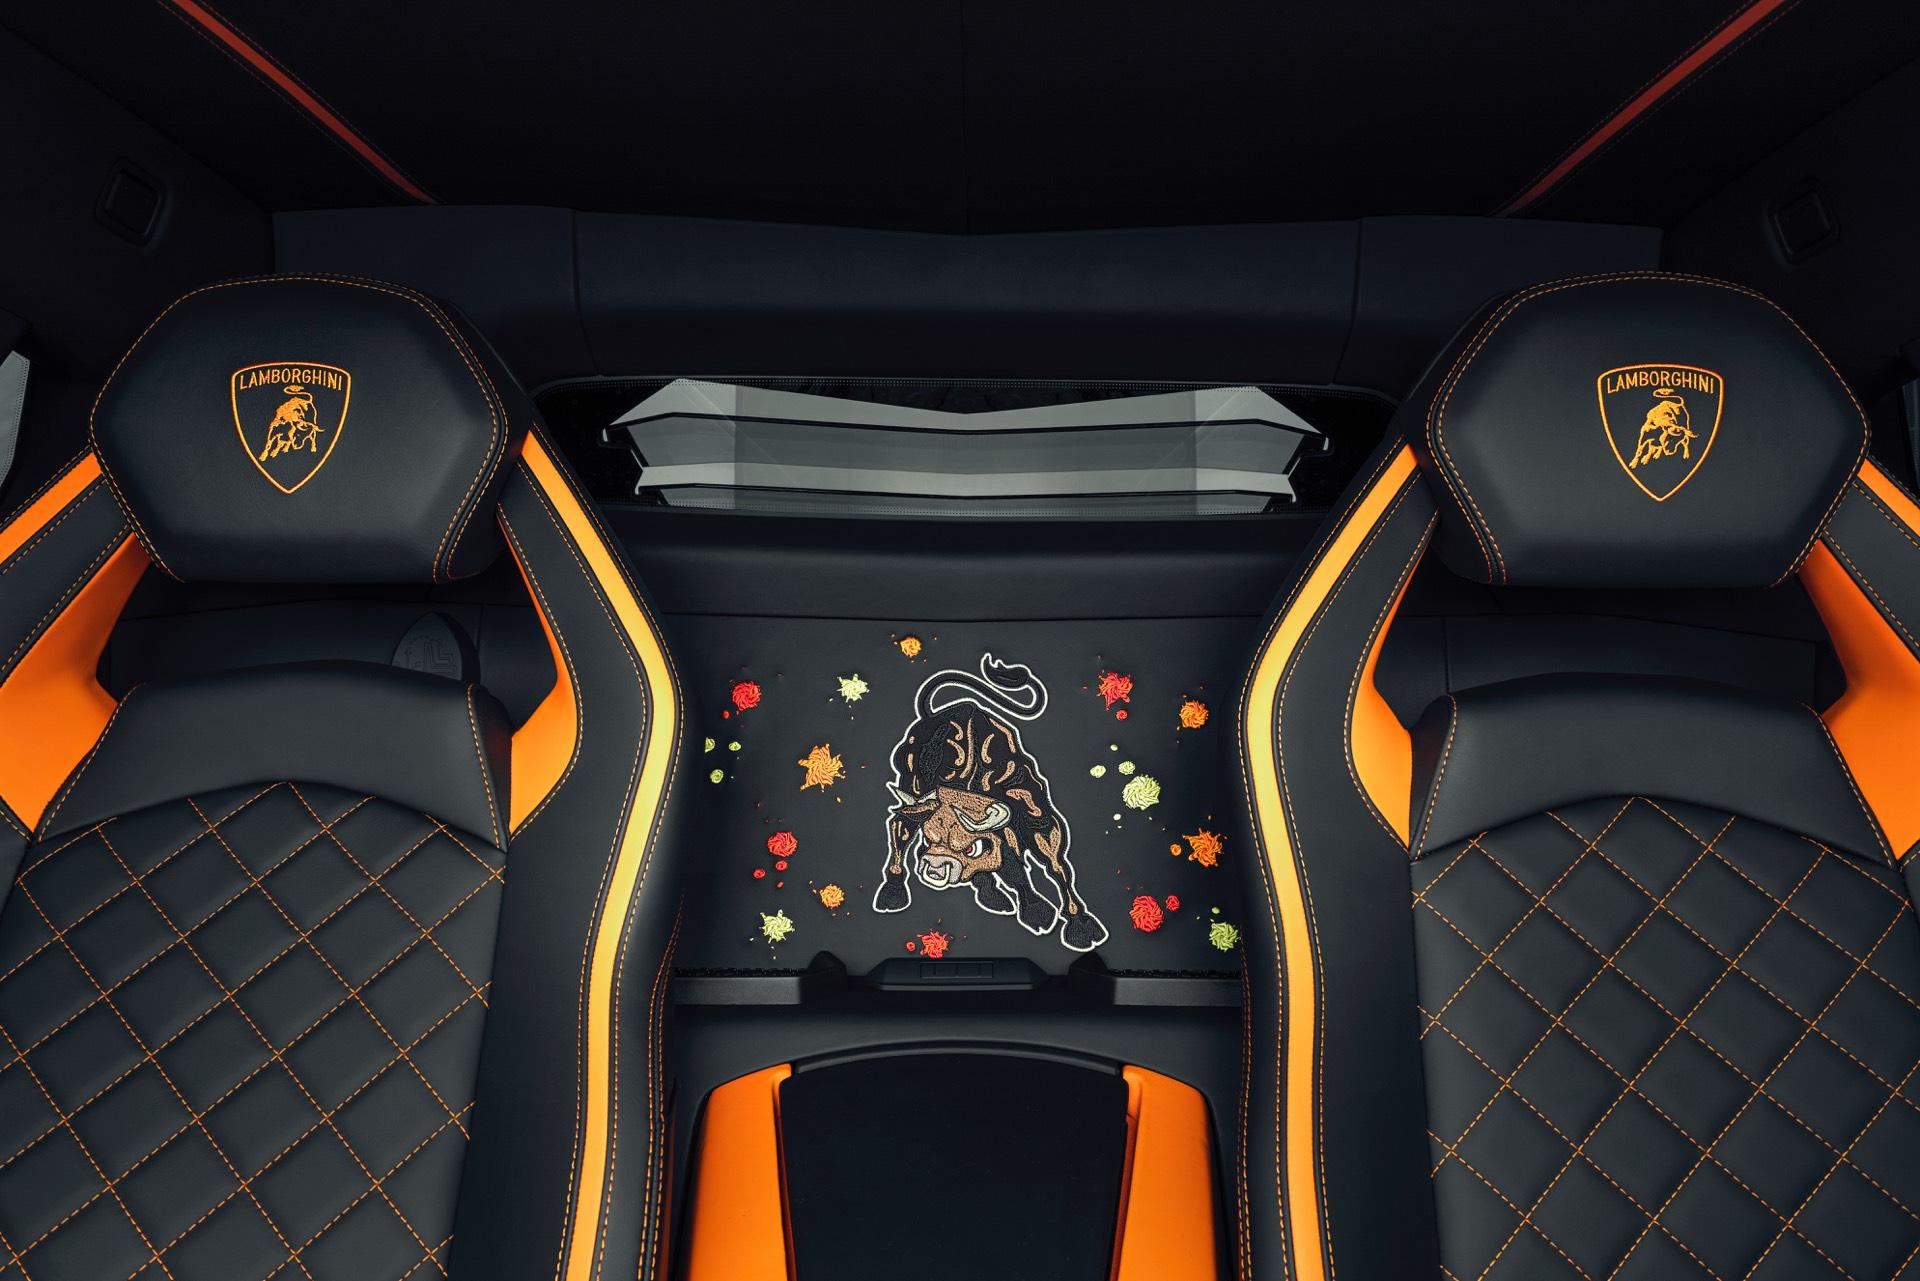 Skyler-Grey-Lamborghini-Aventador-S-Art-Car15